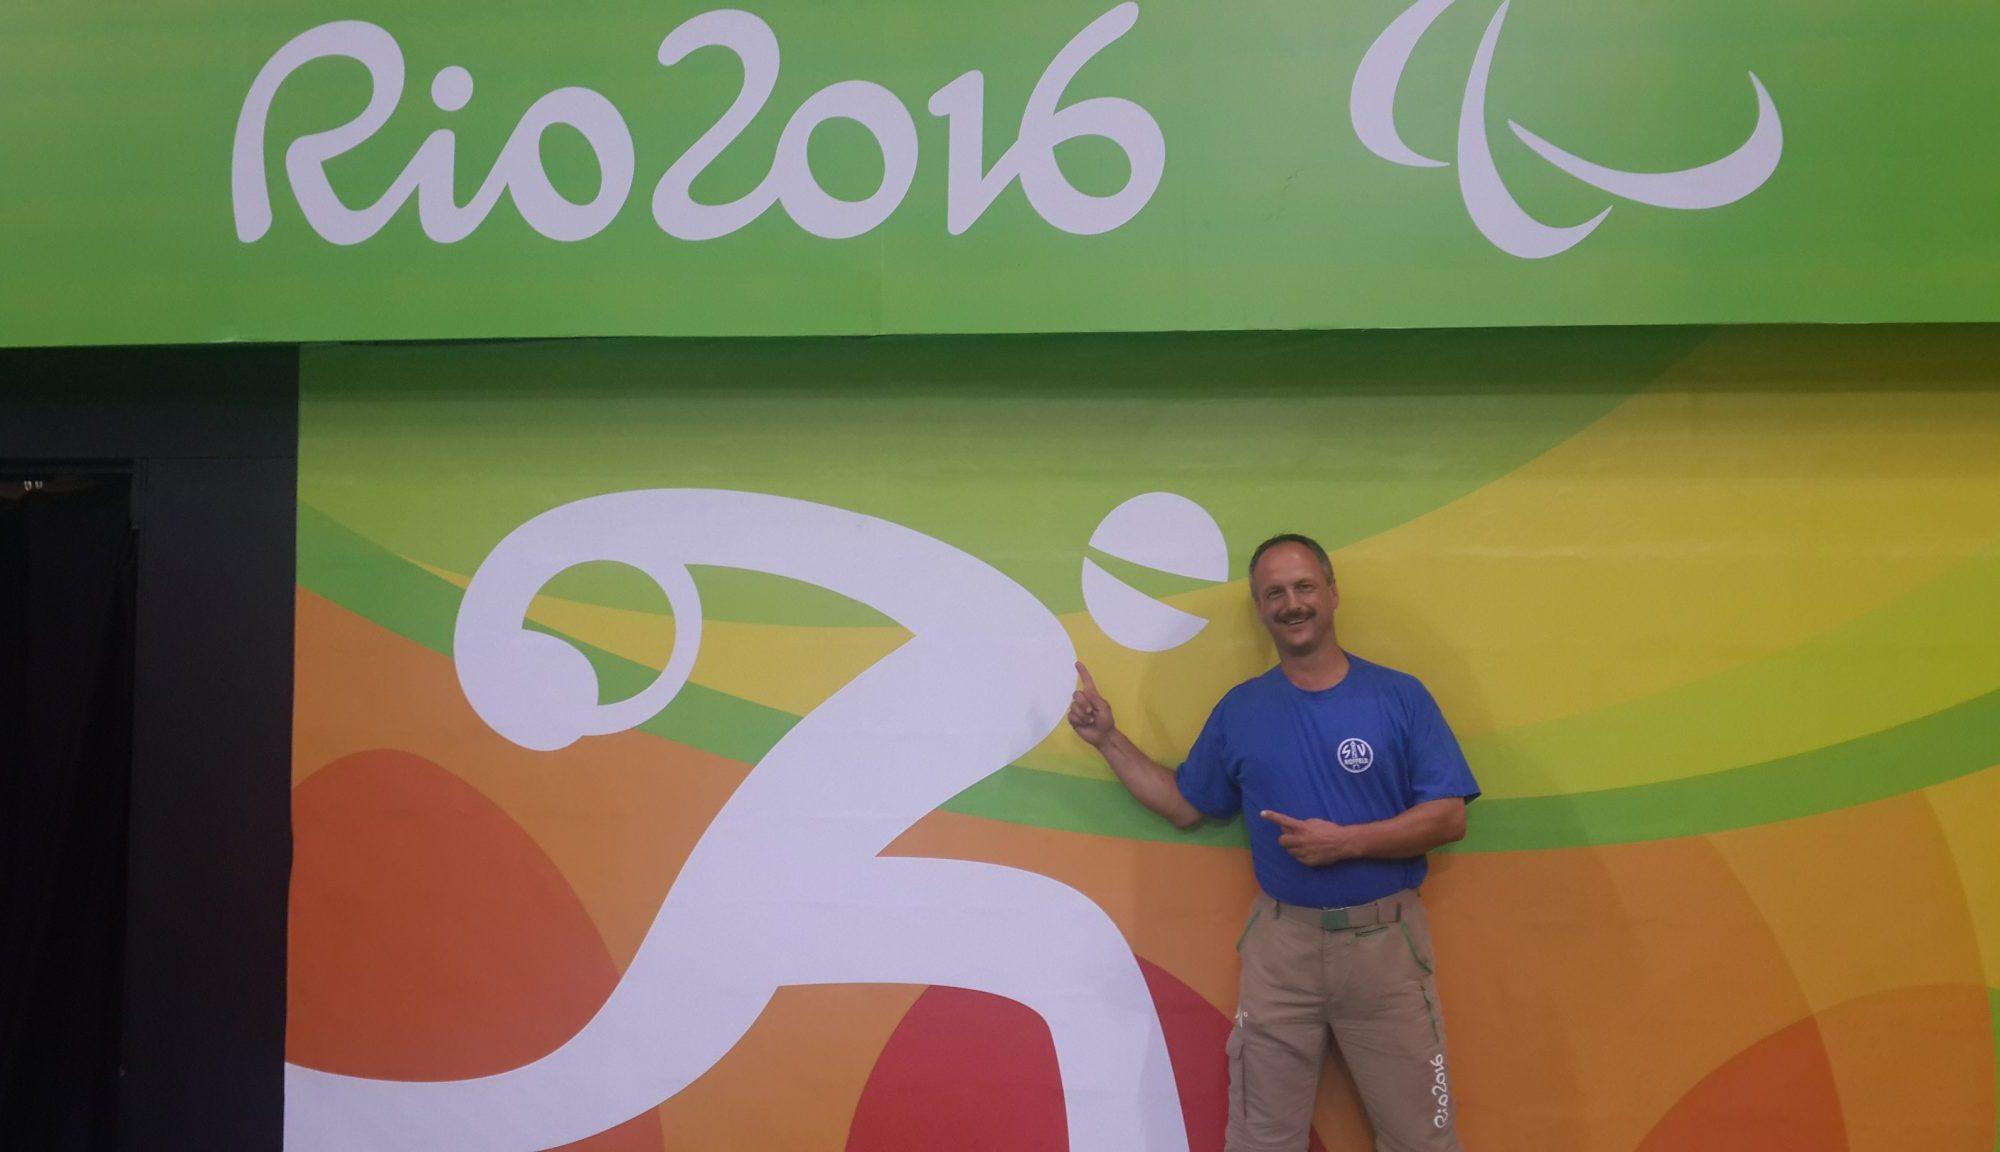 Alexander Knecht von dem Symbol (Piktogramm) für Goalball bei den Paralympics in Rio 2016